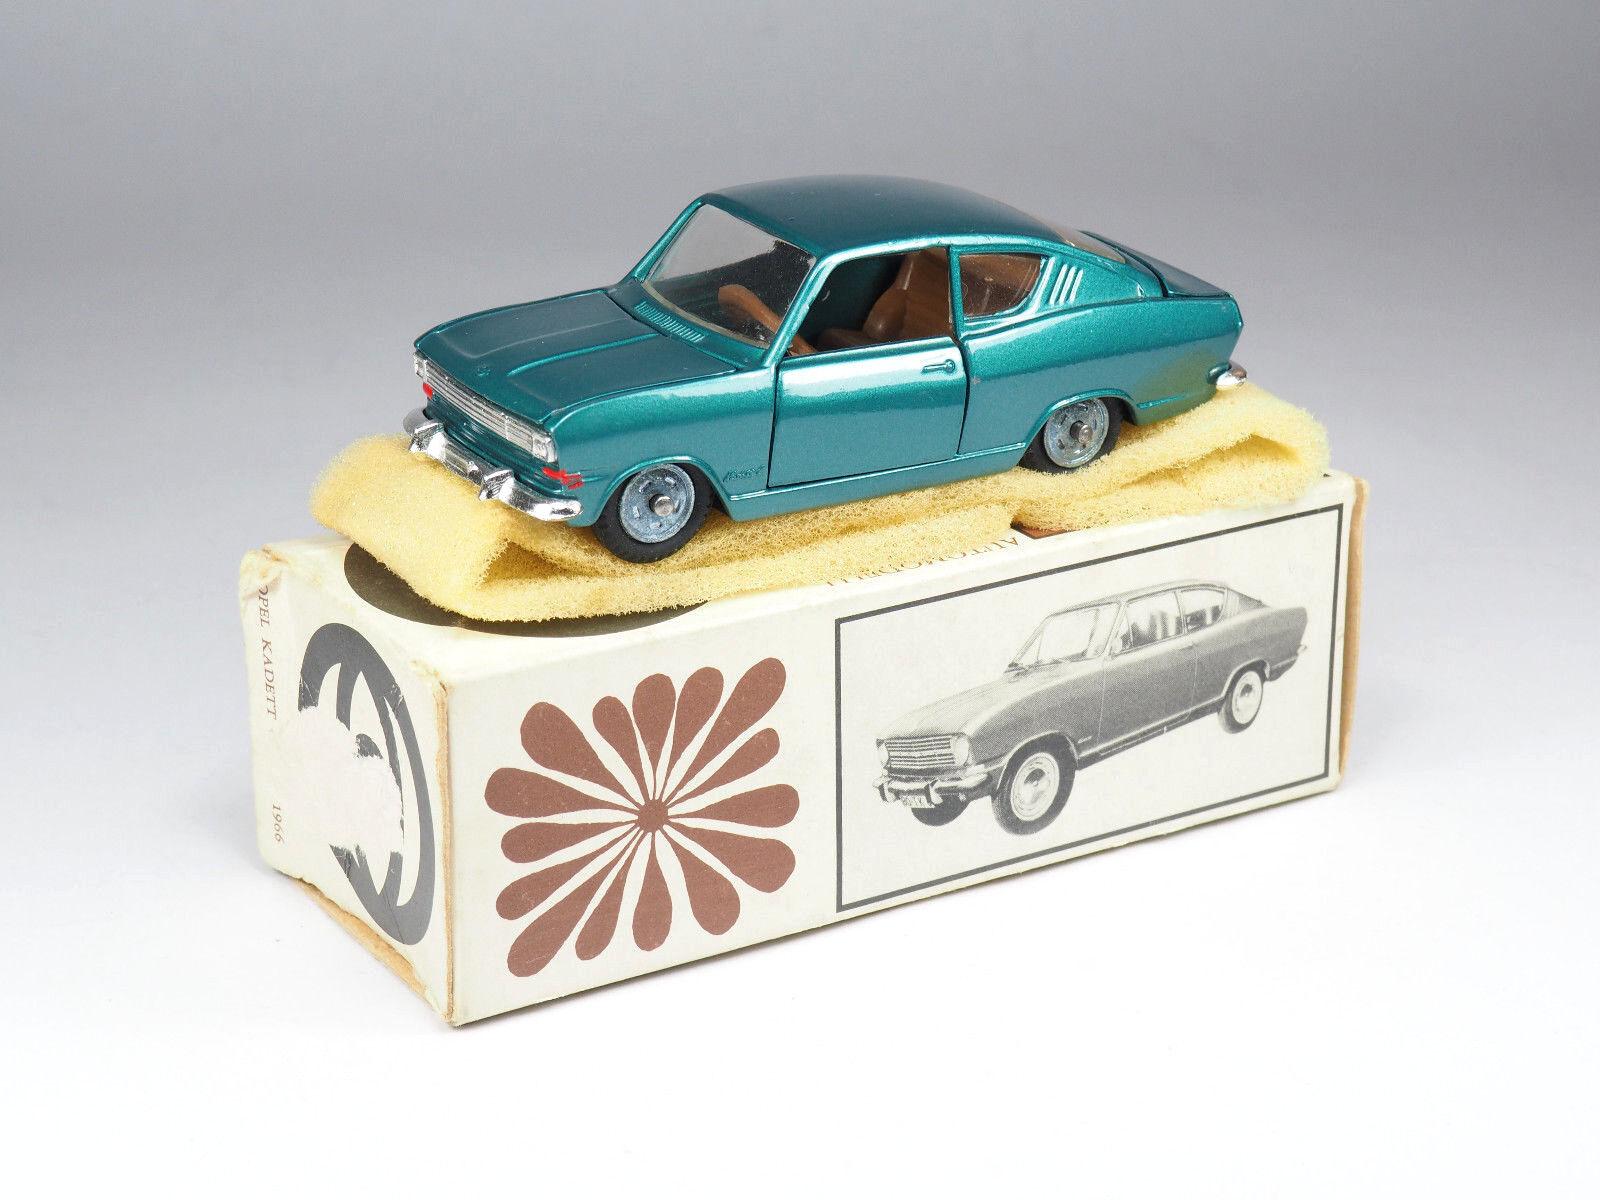 Mebetoys - a13 - Opel Kadett coupé 1966 -